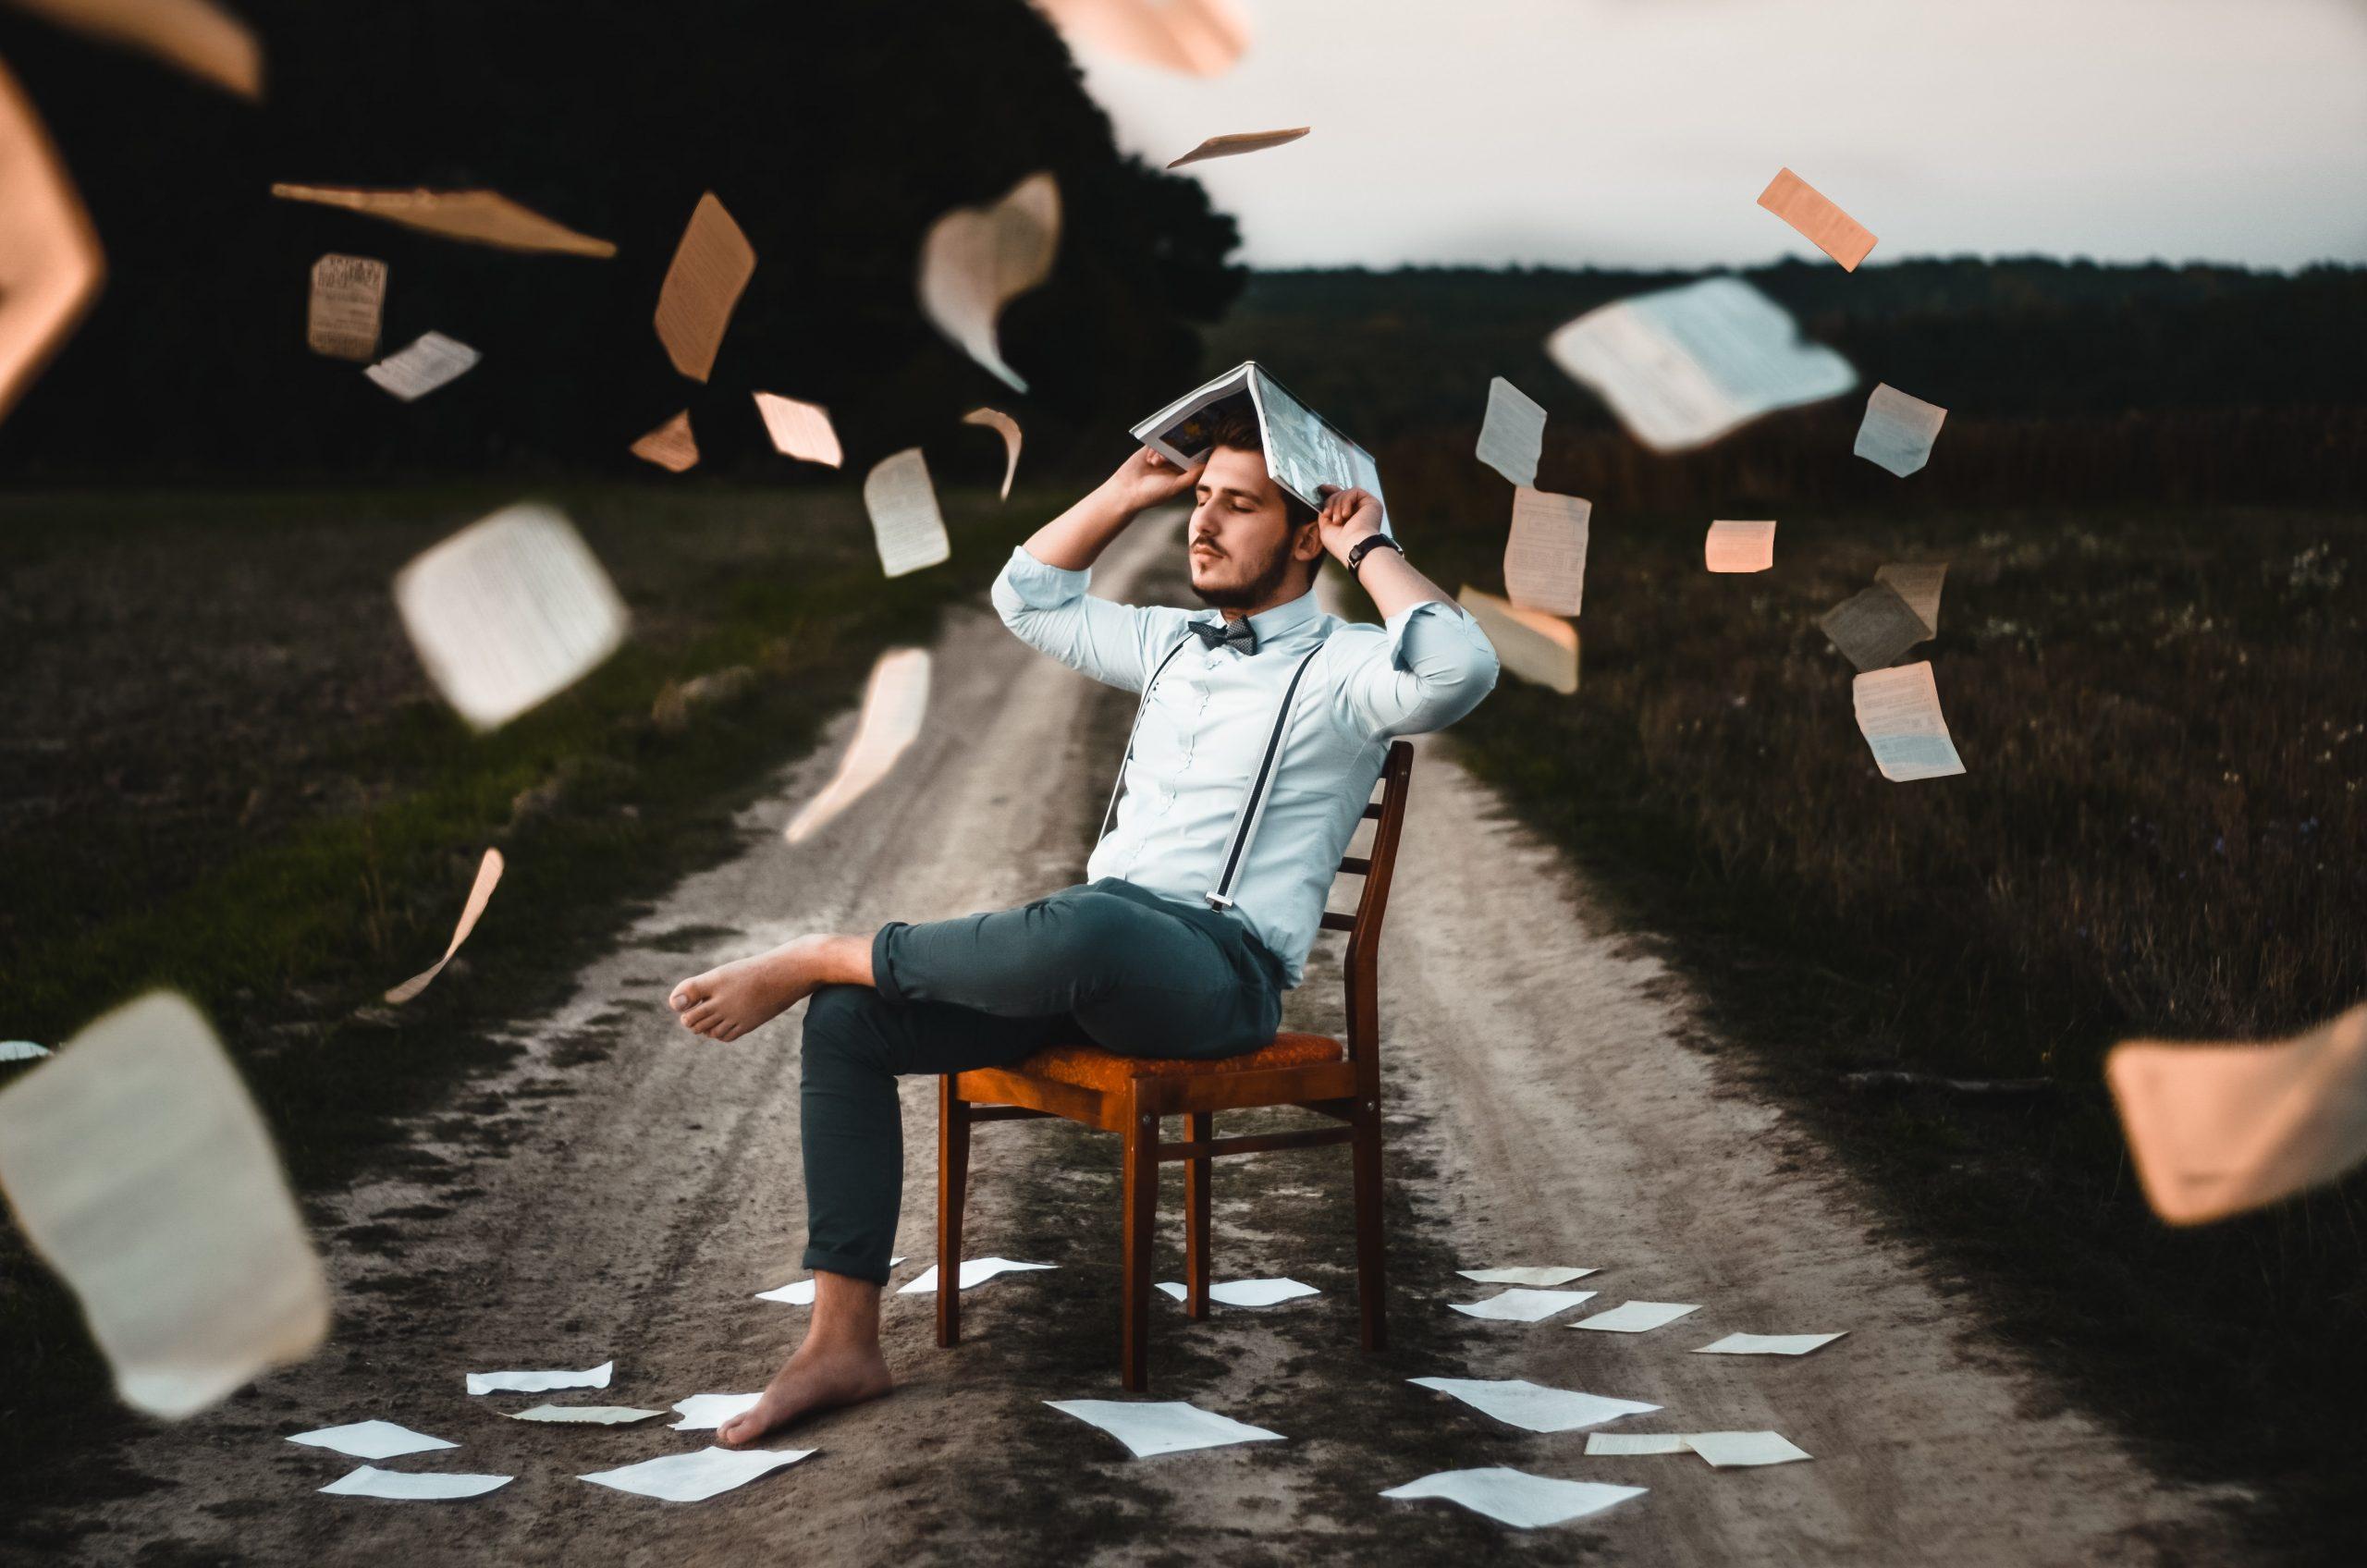 Sprache verbessern durch lesen, hören und schreiben